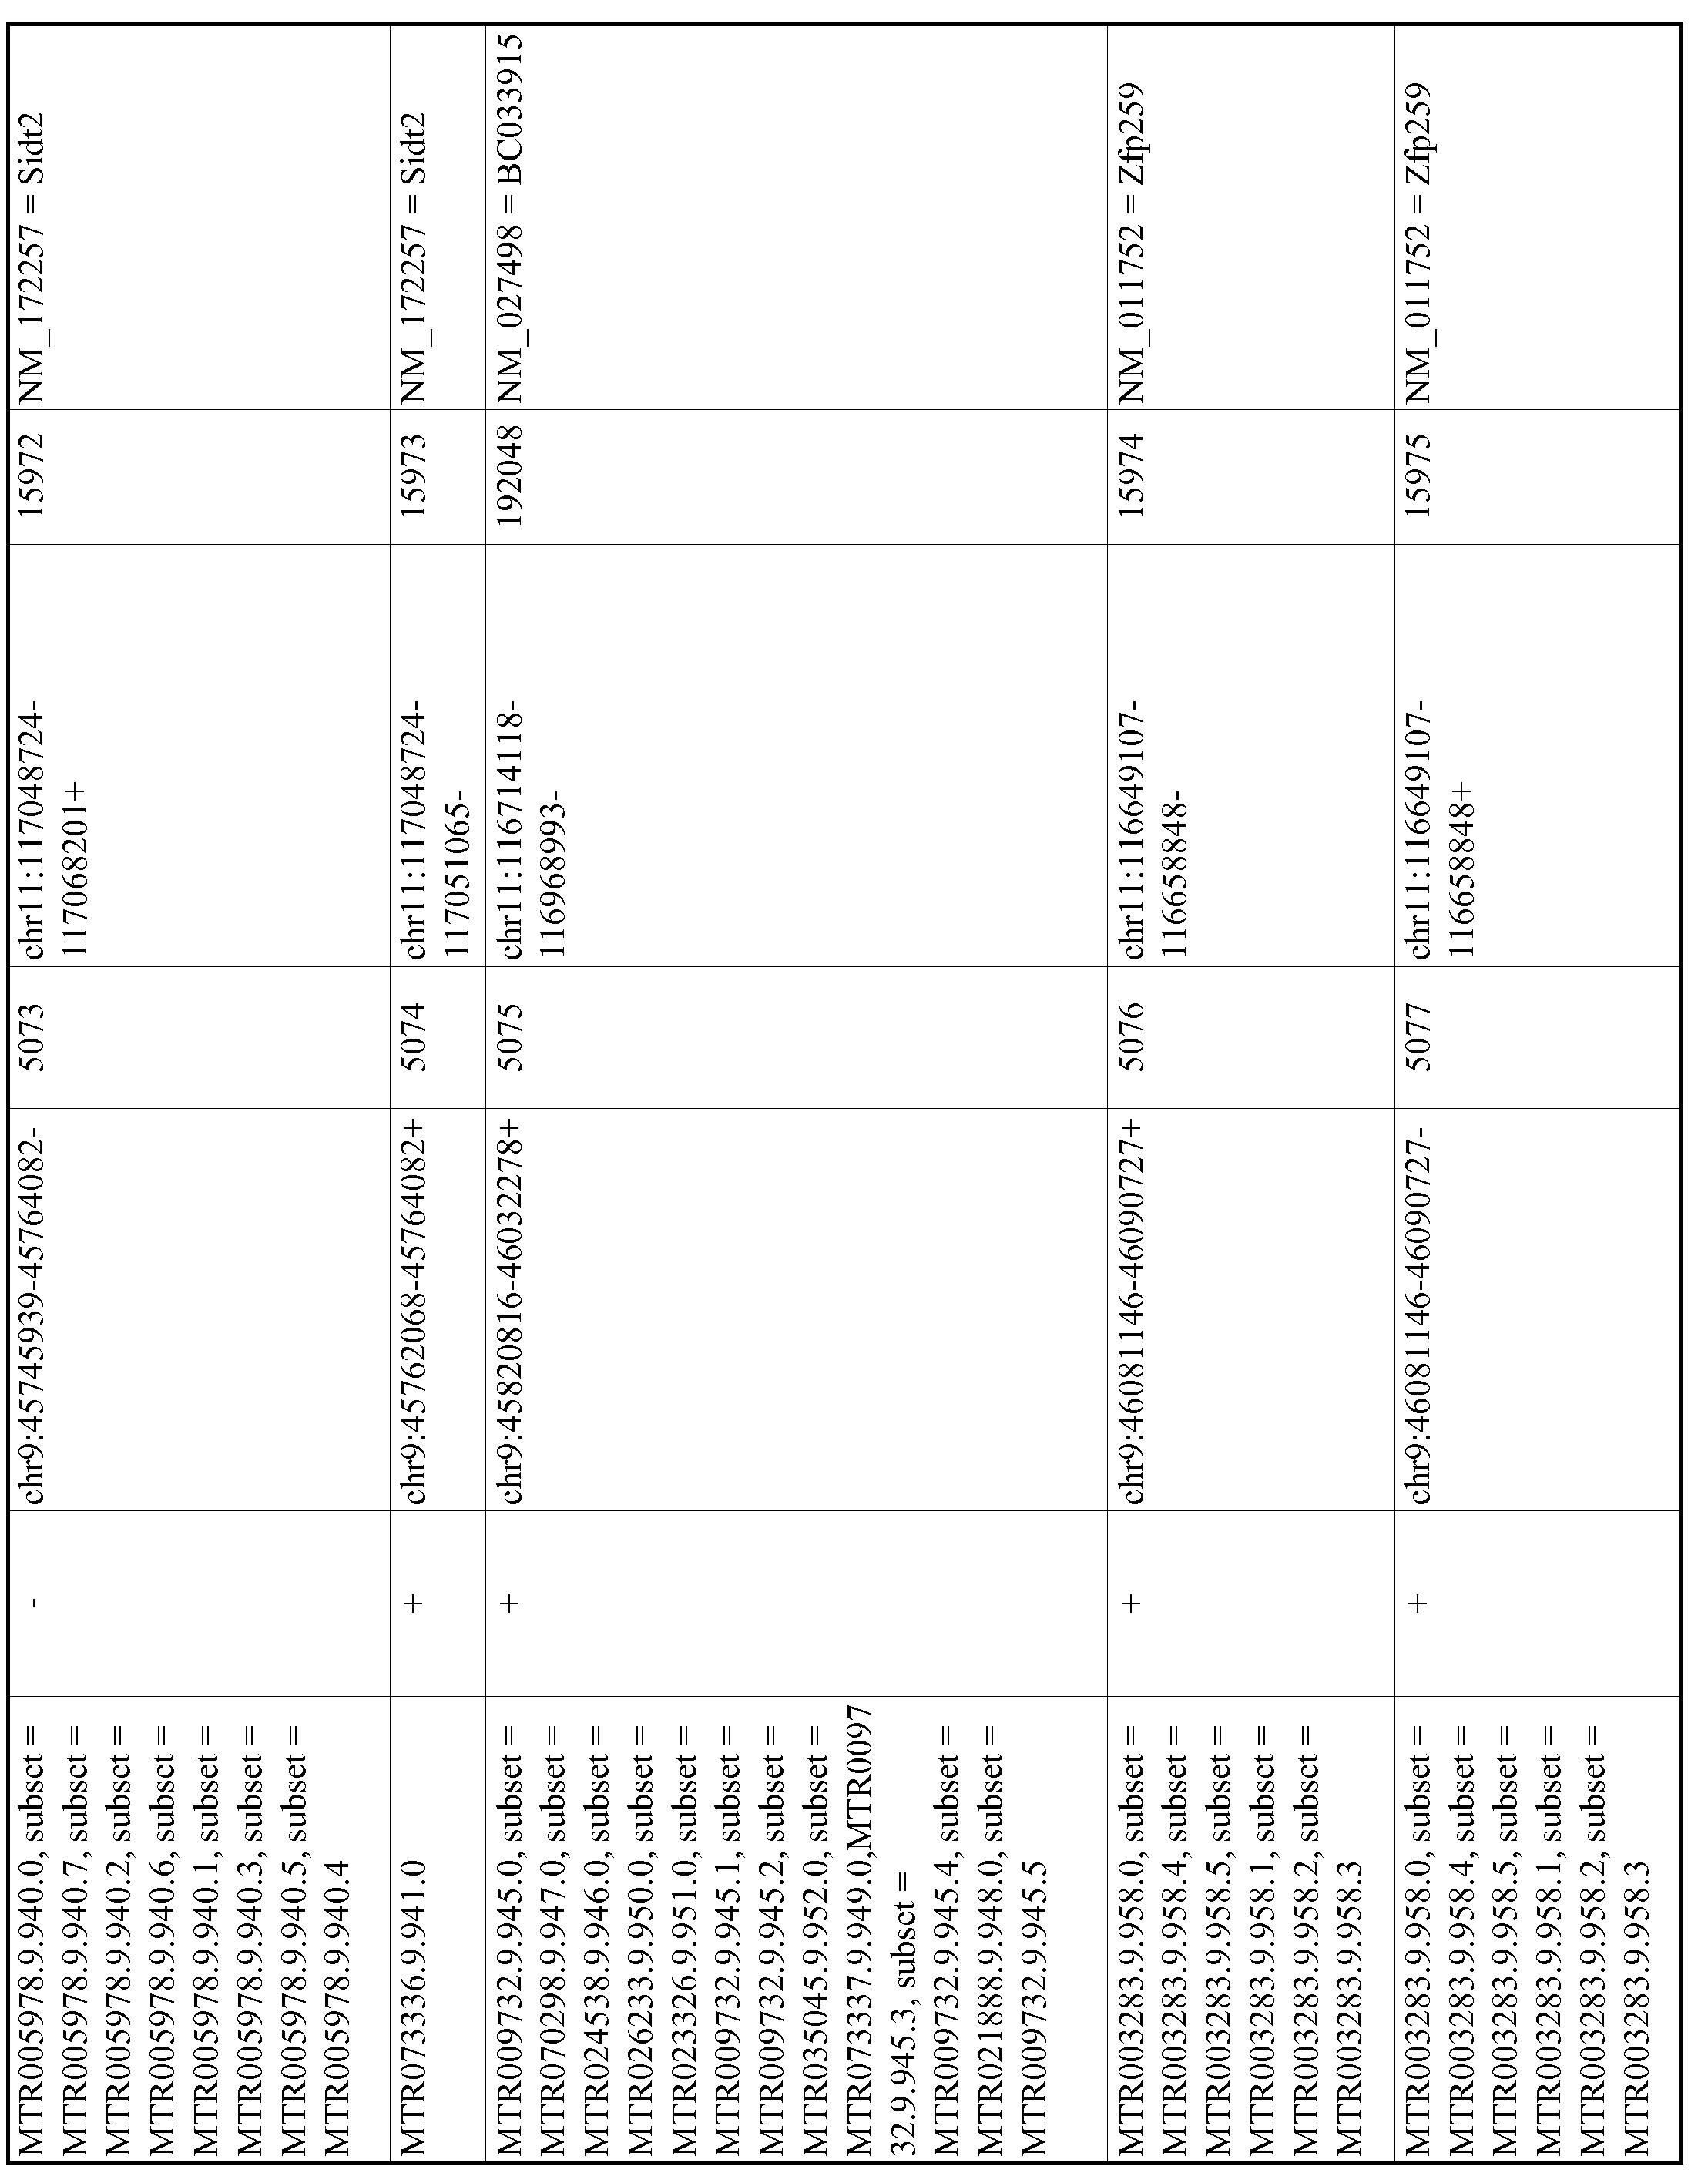 Figure imgf000926_0001